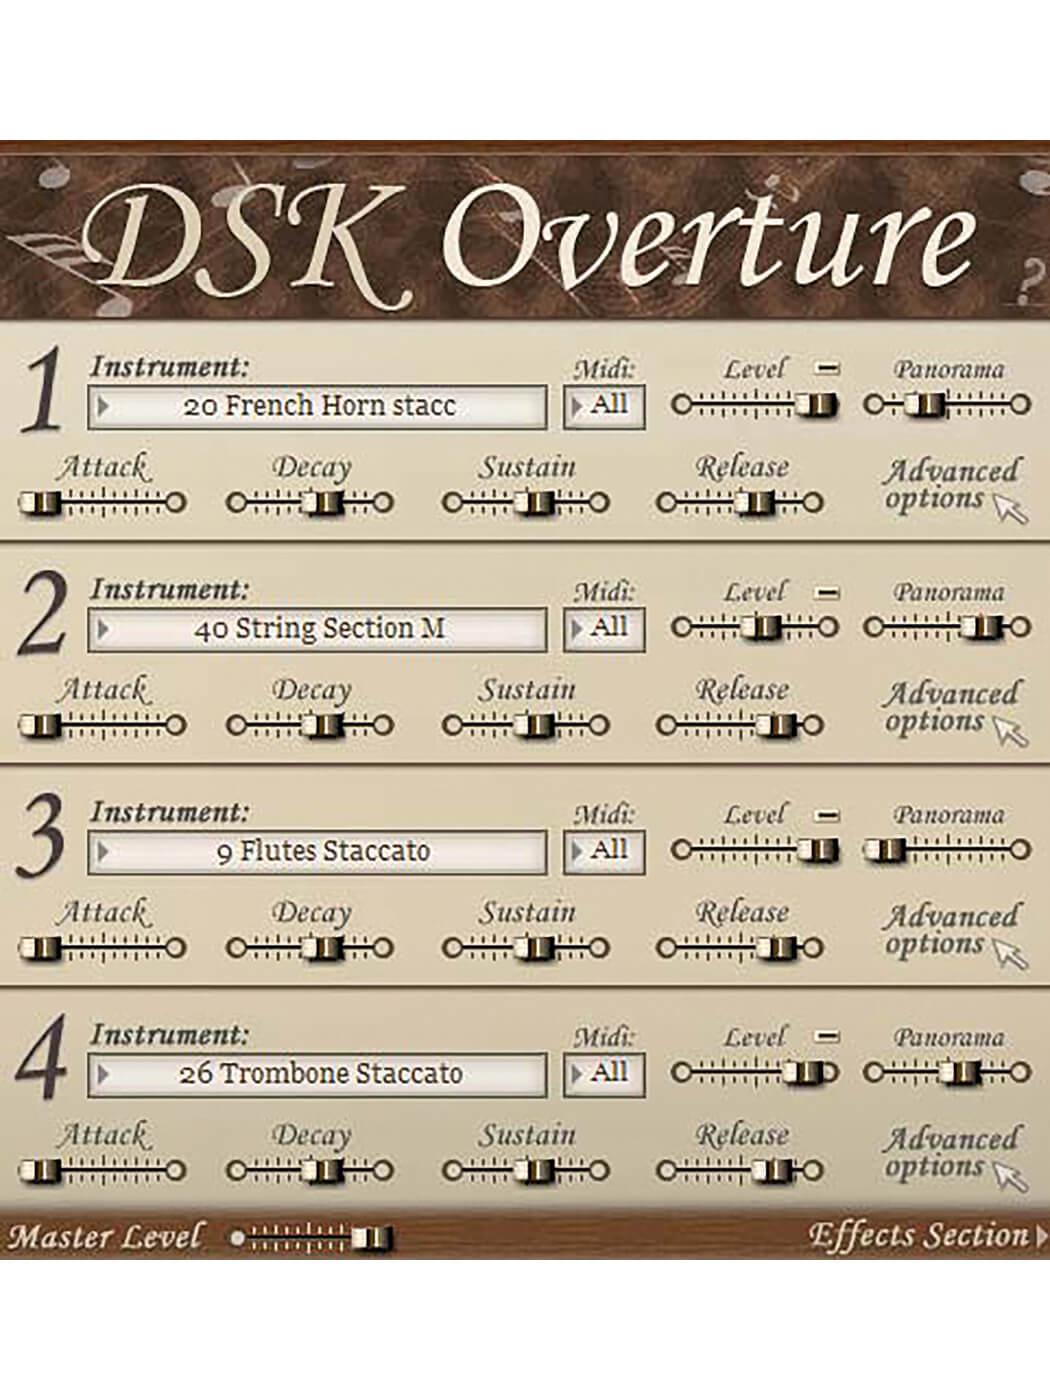 dsk overture violin vst descargar